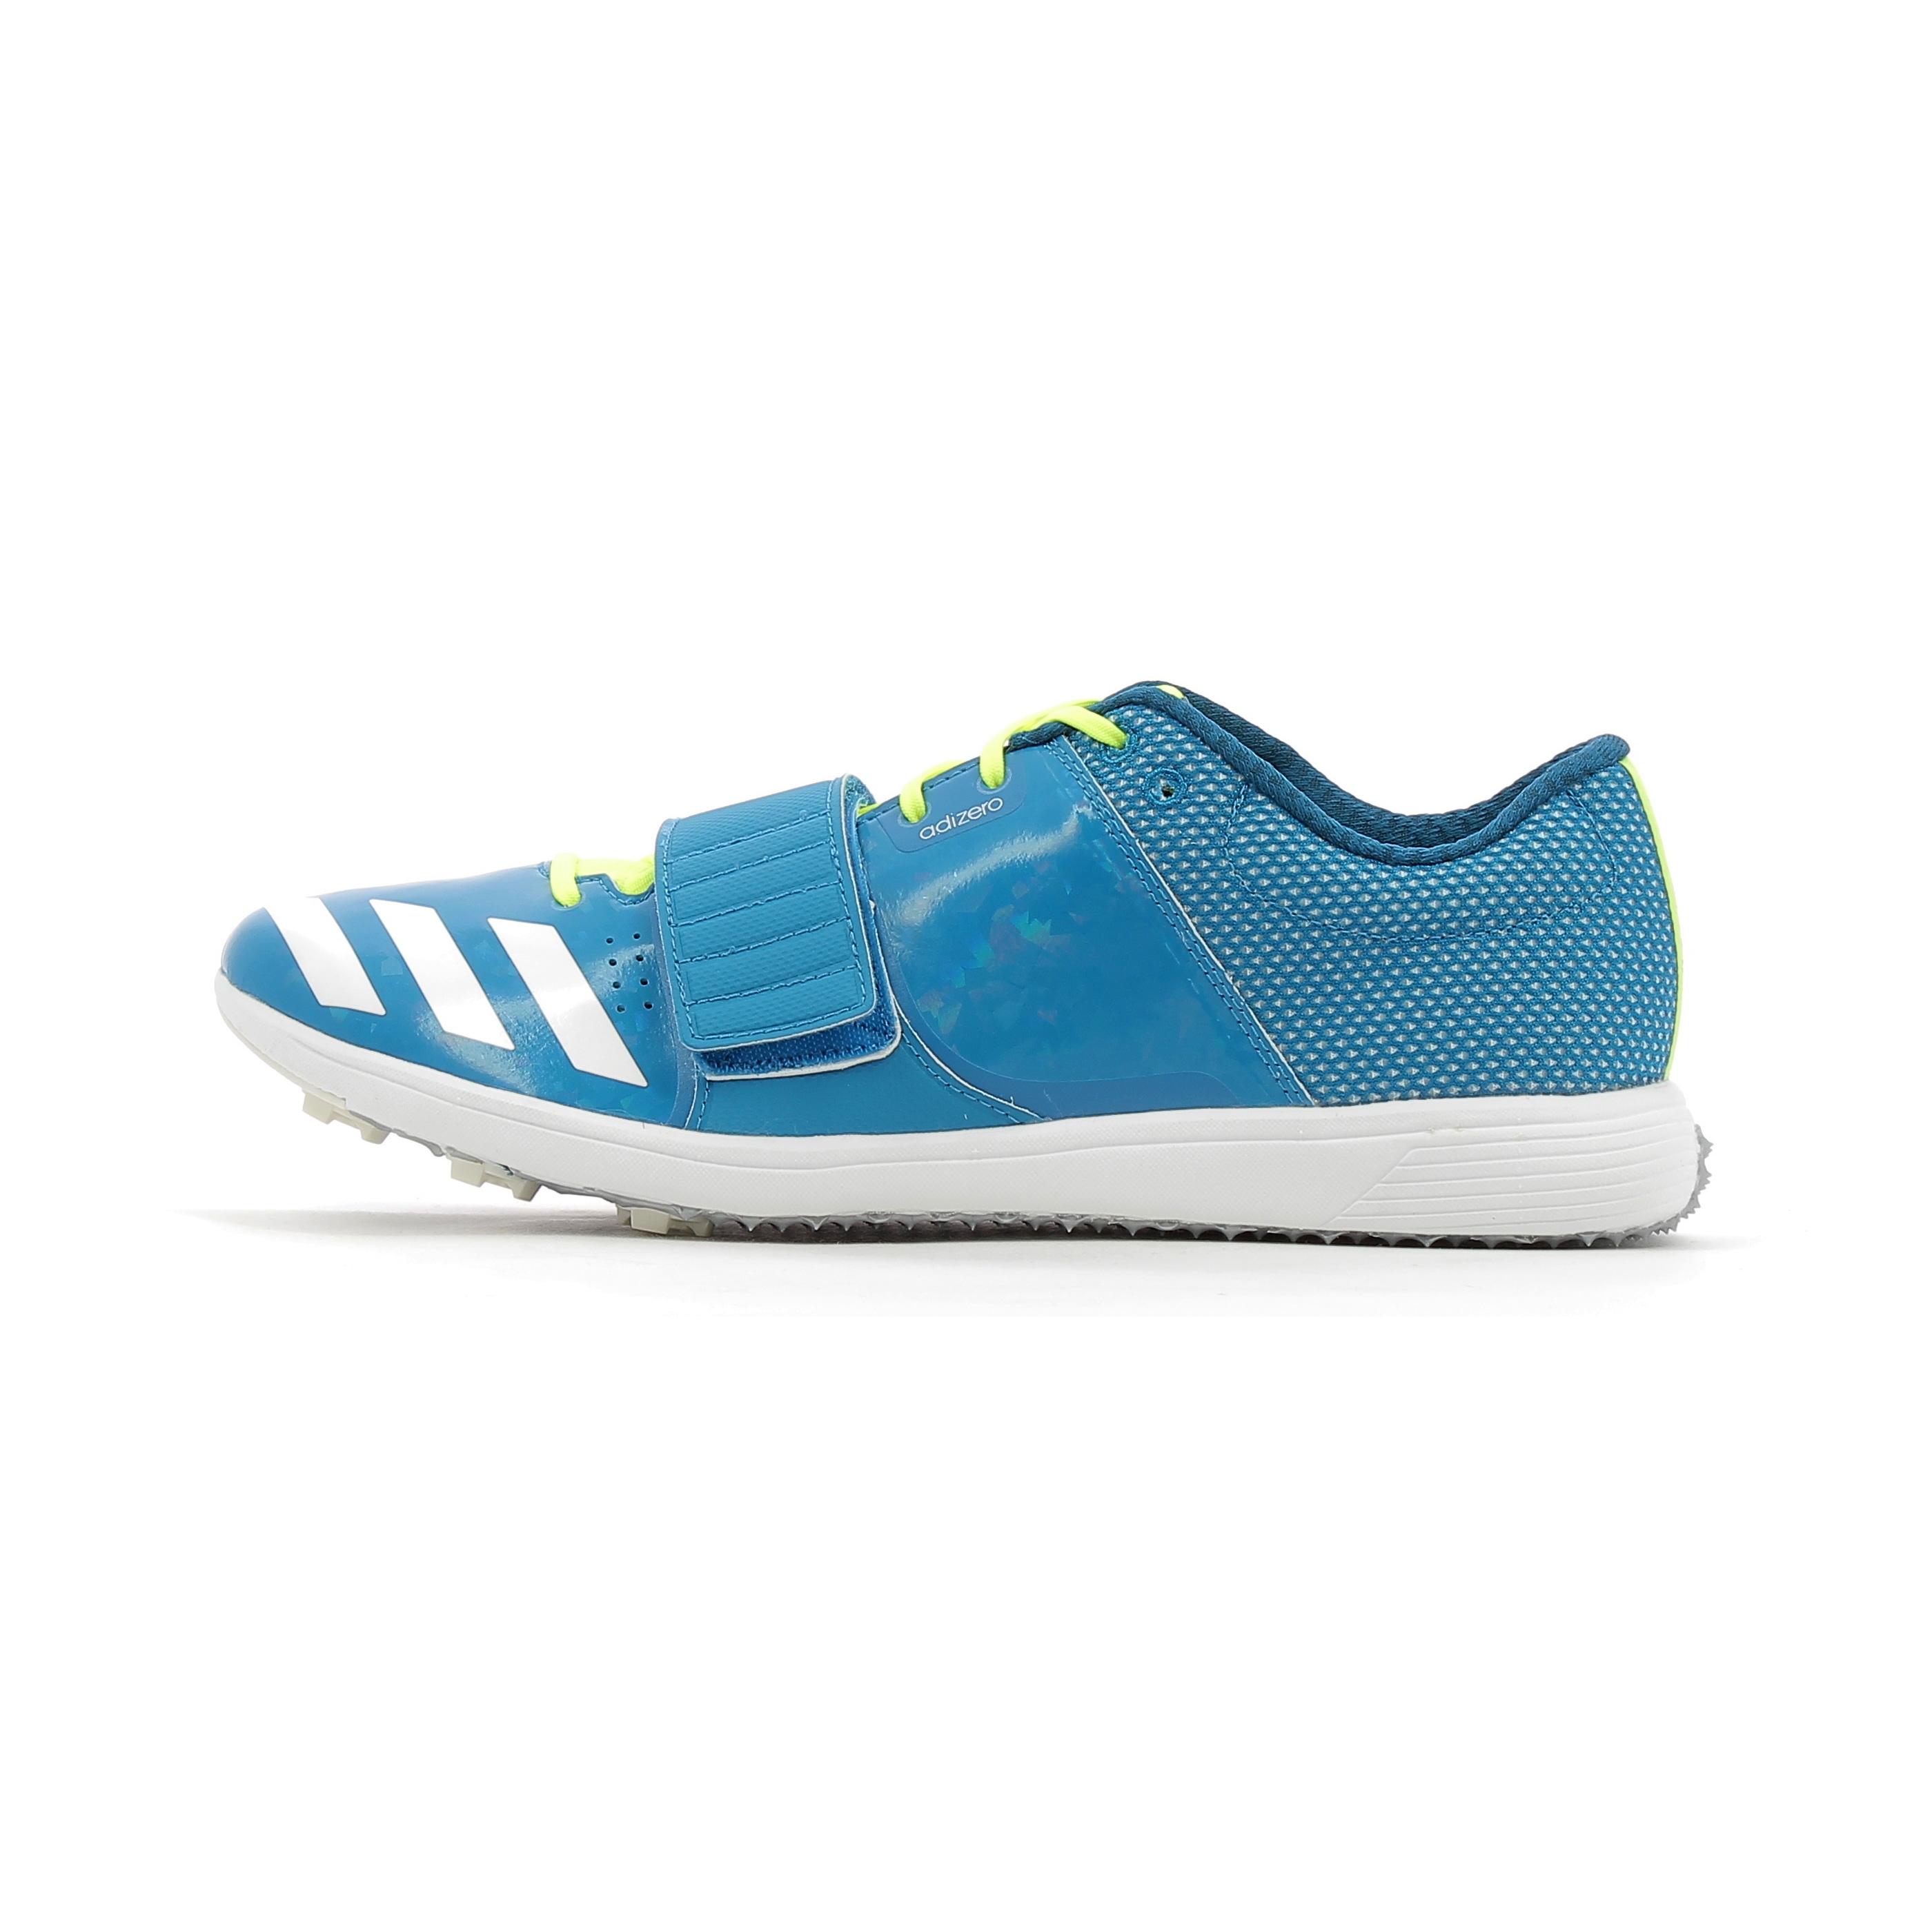 separation shoes b21d9 55c79 Chaussures d athlétisme Adidas Performance Adizero ...